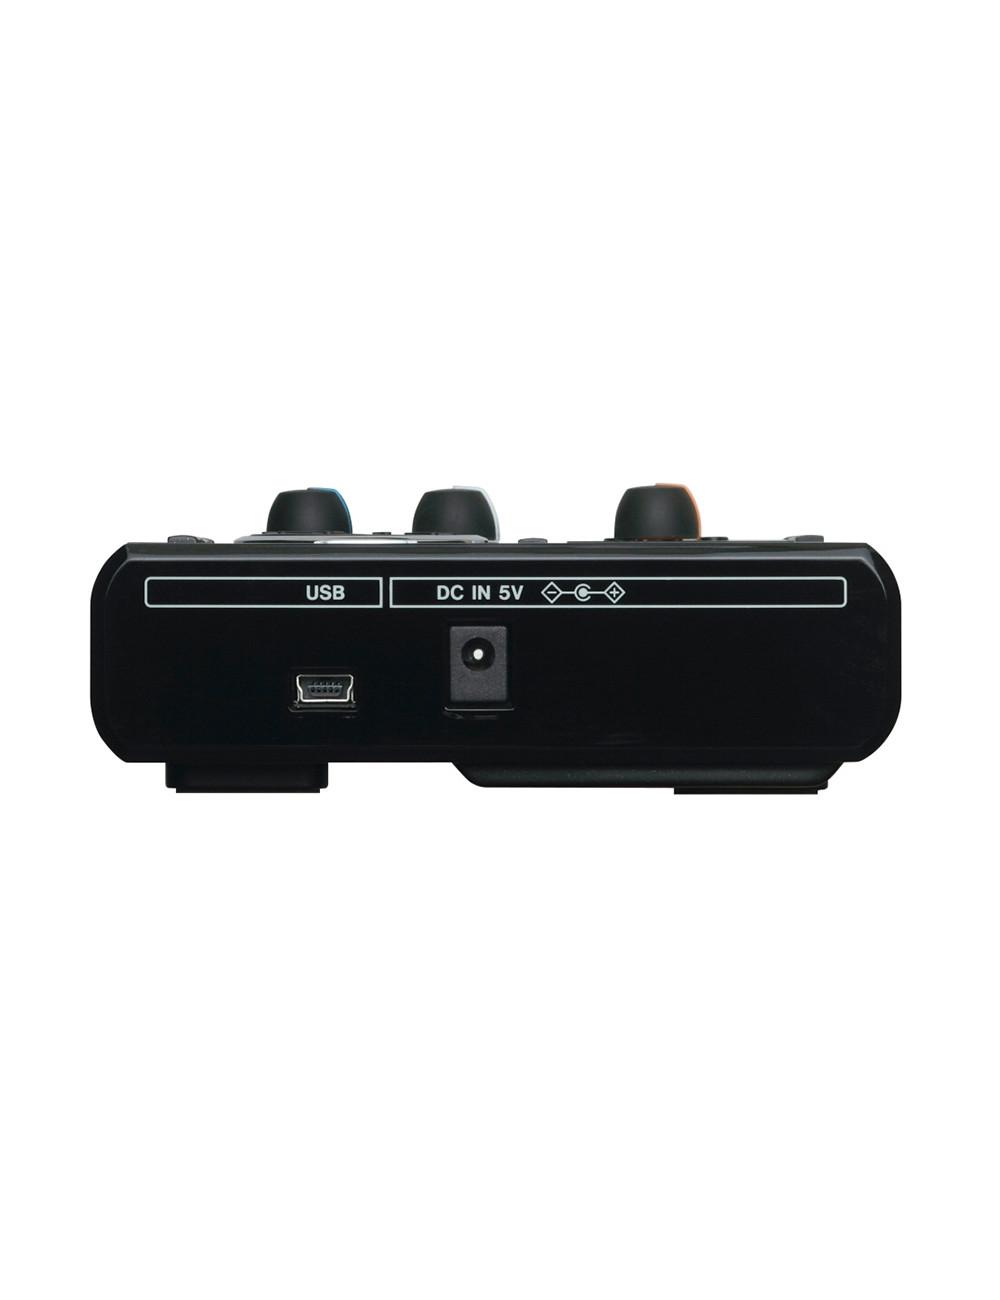 KIT Grabación en Terreno Caña de fibra de carbono + Zeppelin + Micrófono Boya PVM1000 +Tascam DR40X kitz